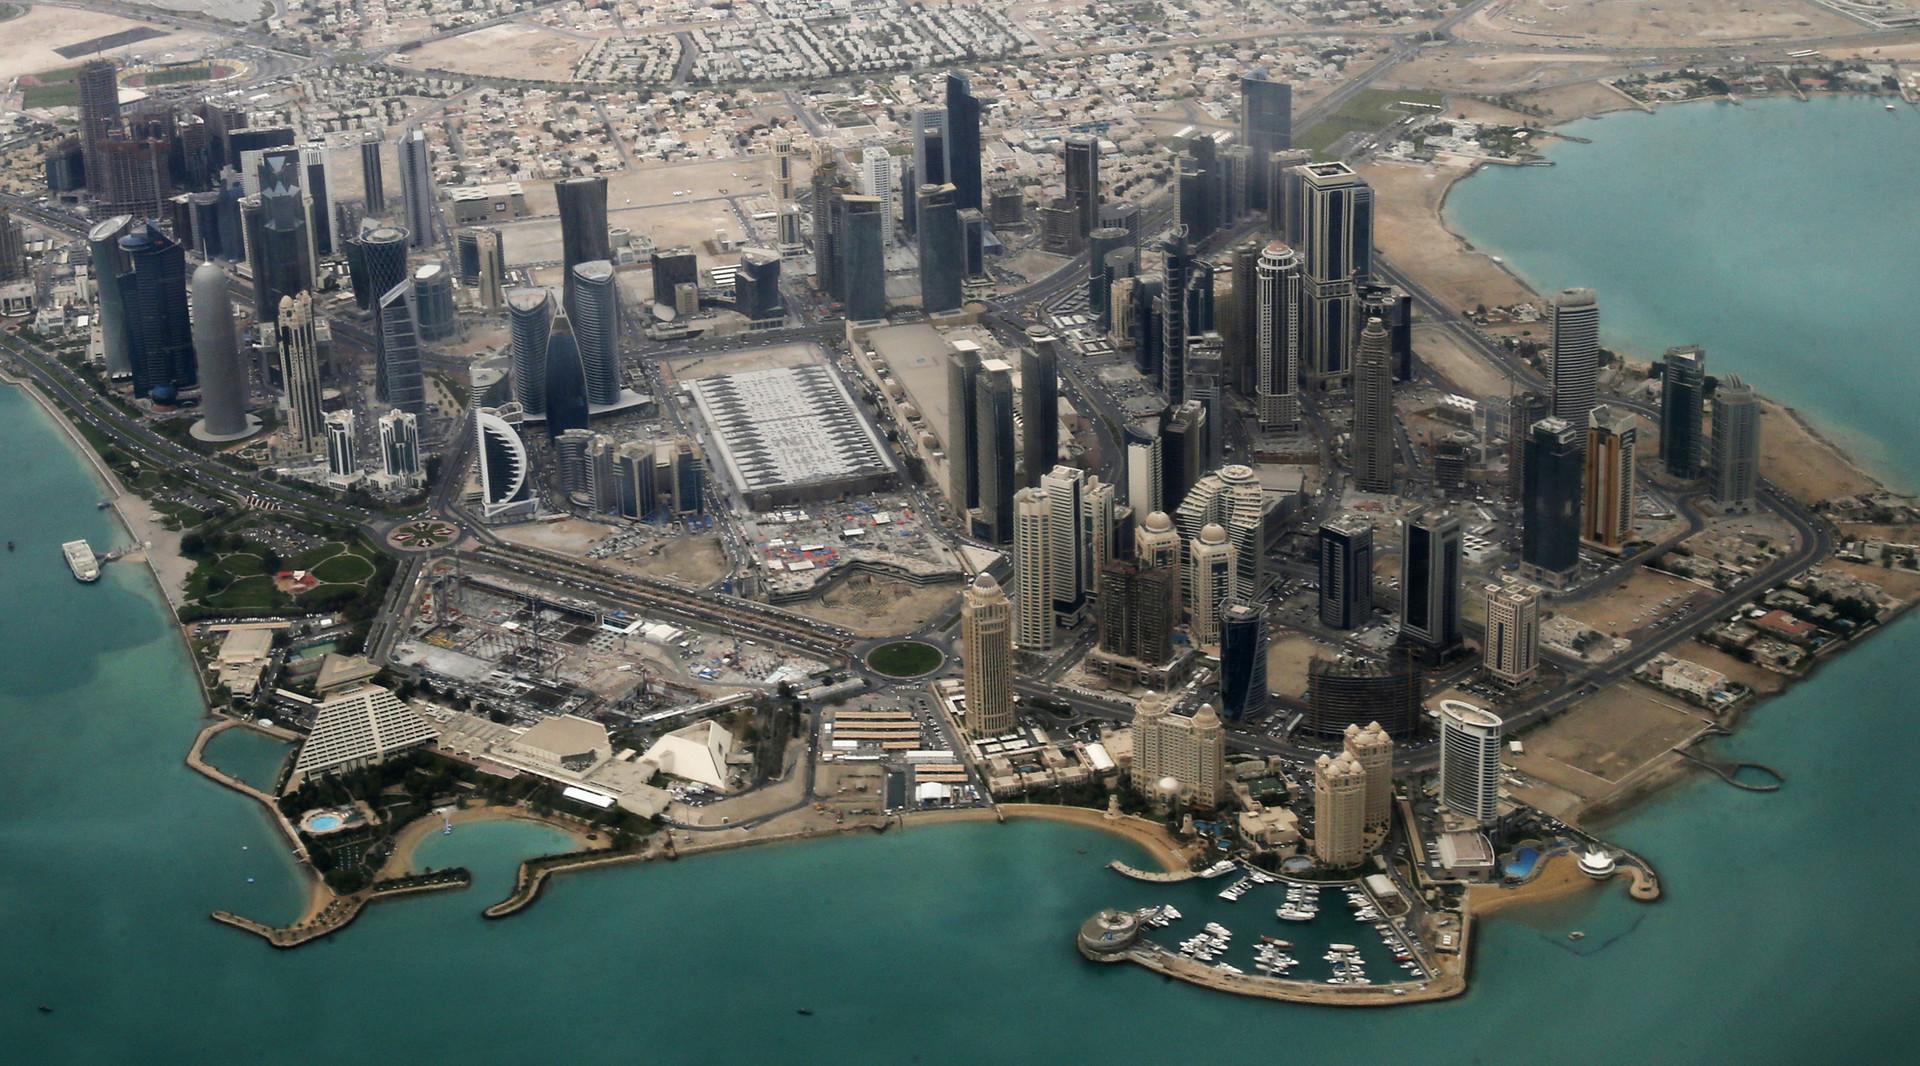 قطر تصدر بيانا توضيحيا حول وصف أحد مسؤوليها المصريين بالأعداء